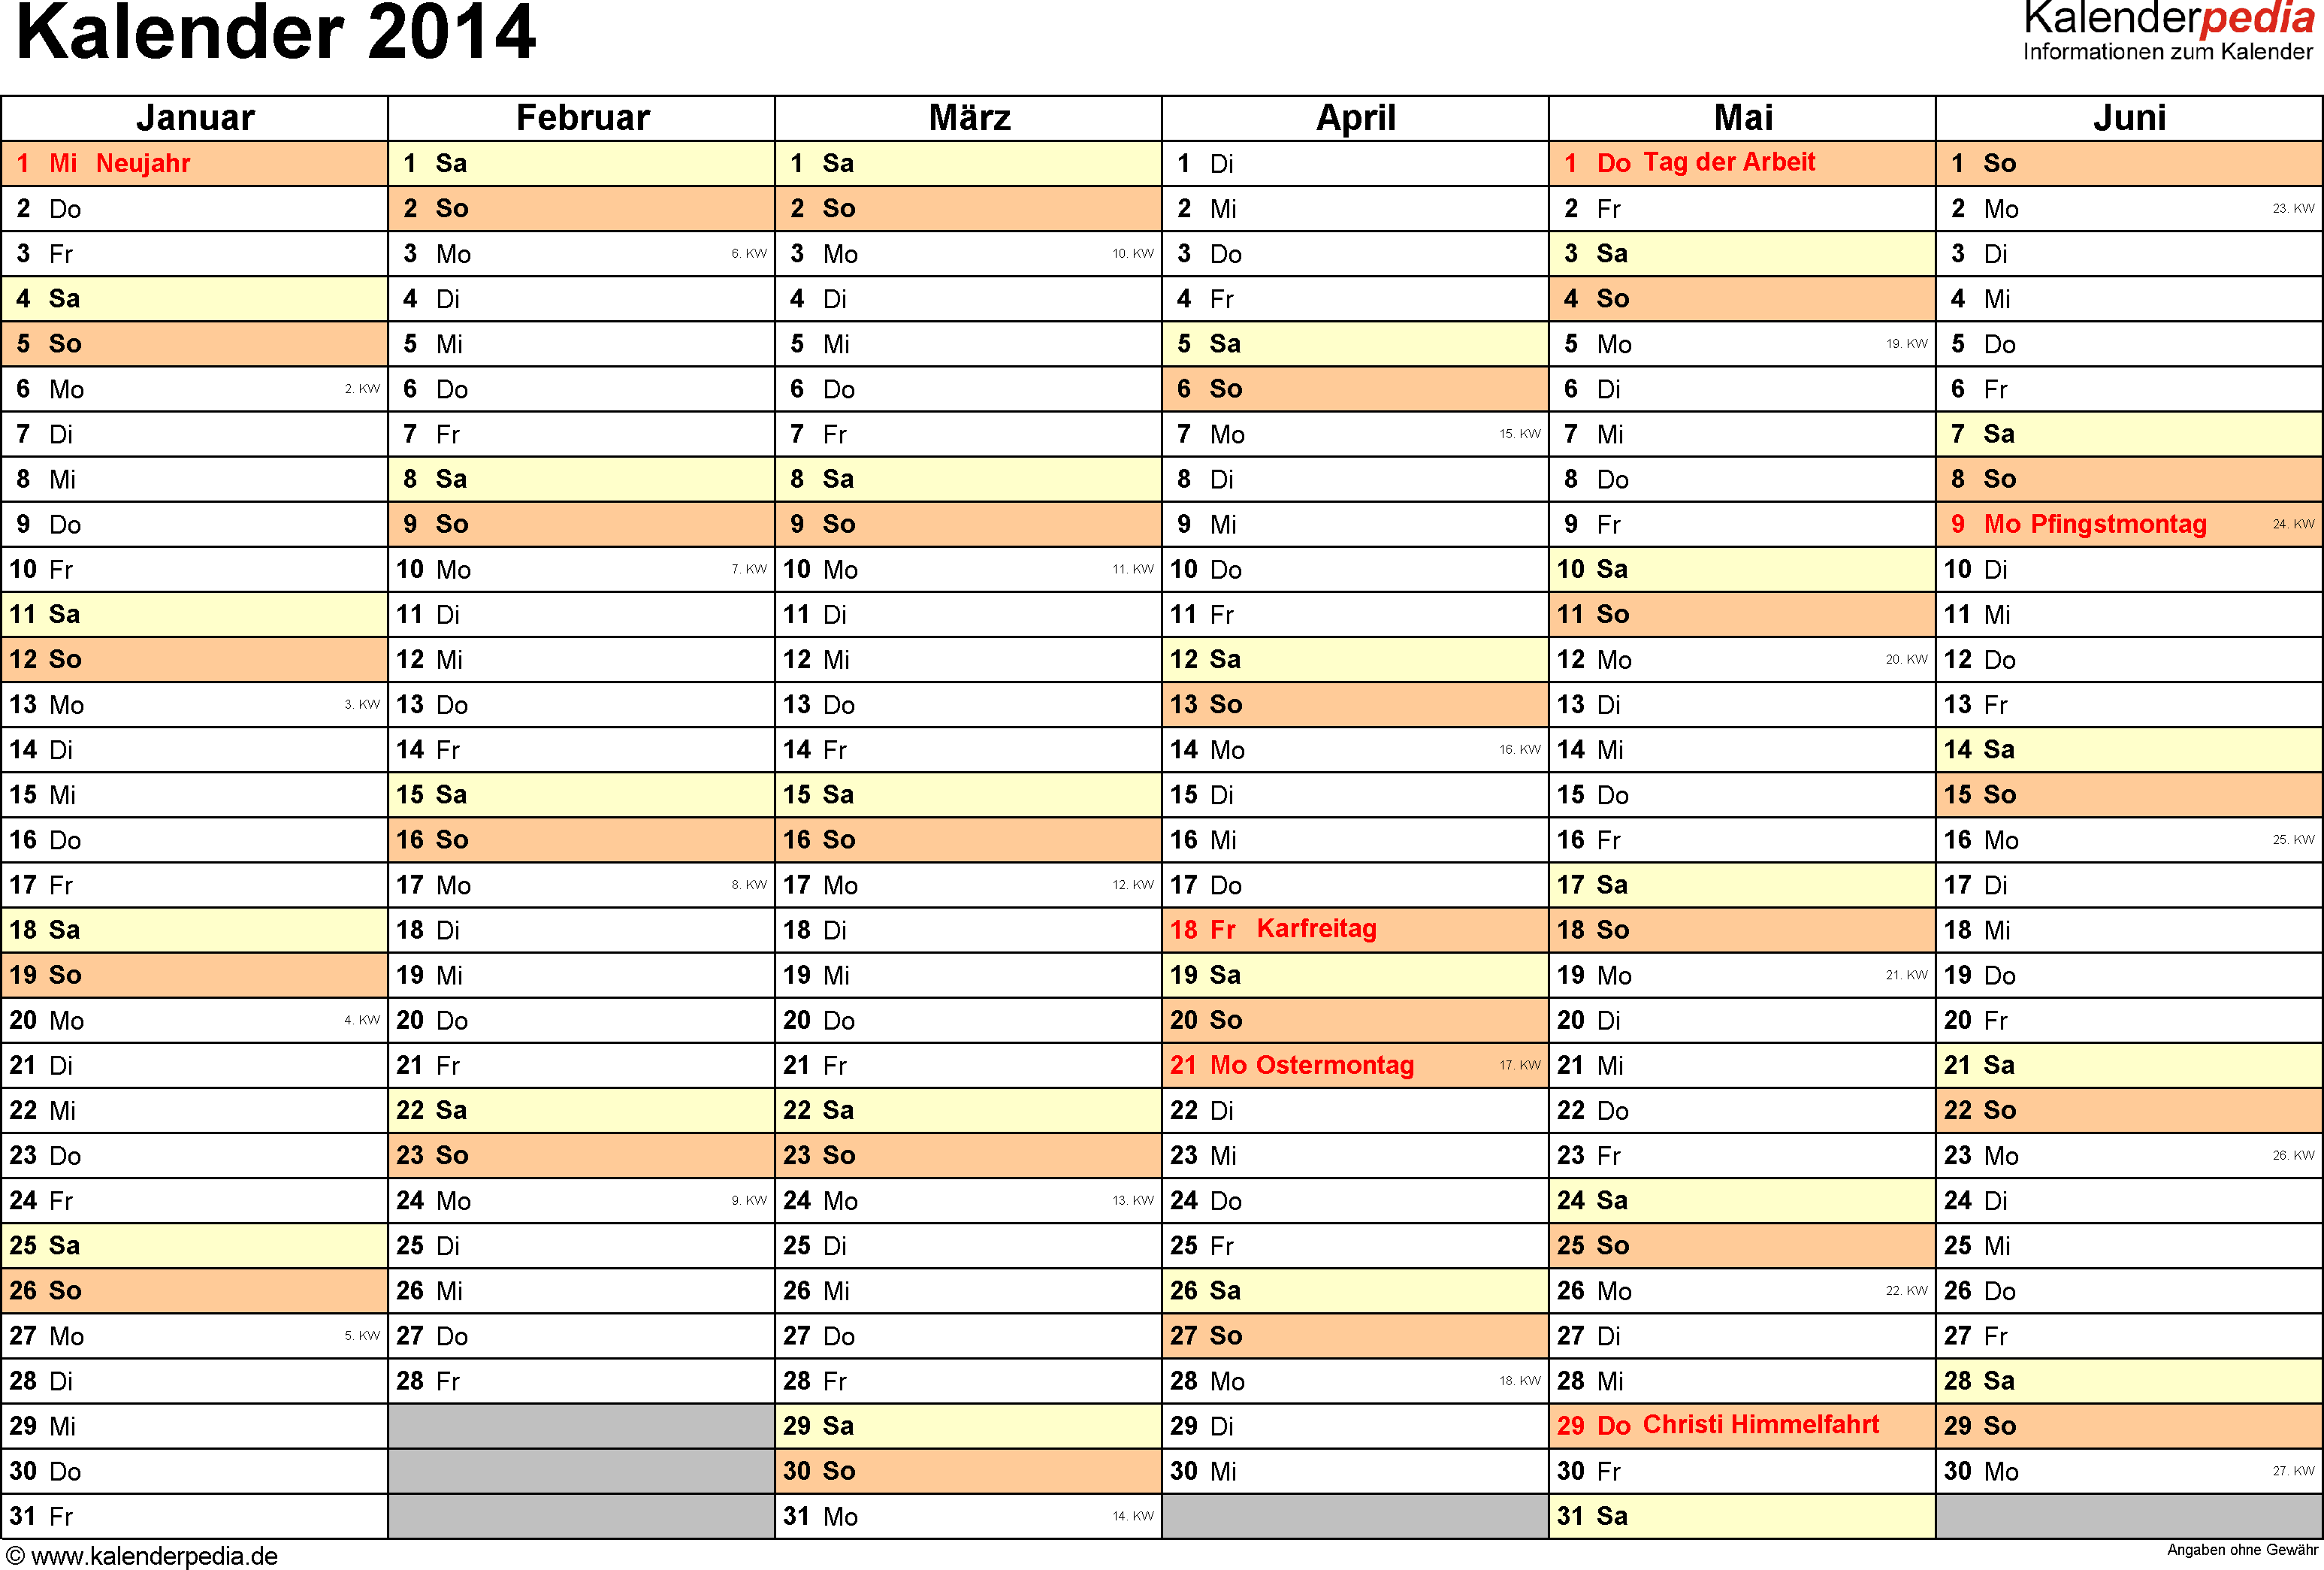 Kalender 2014 in Excel zum Ausdrucken (16 Vorlagen)